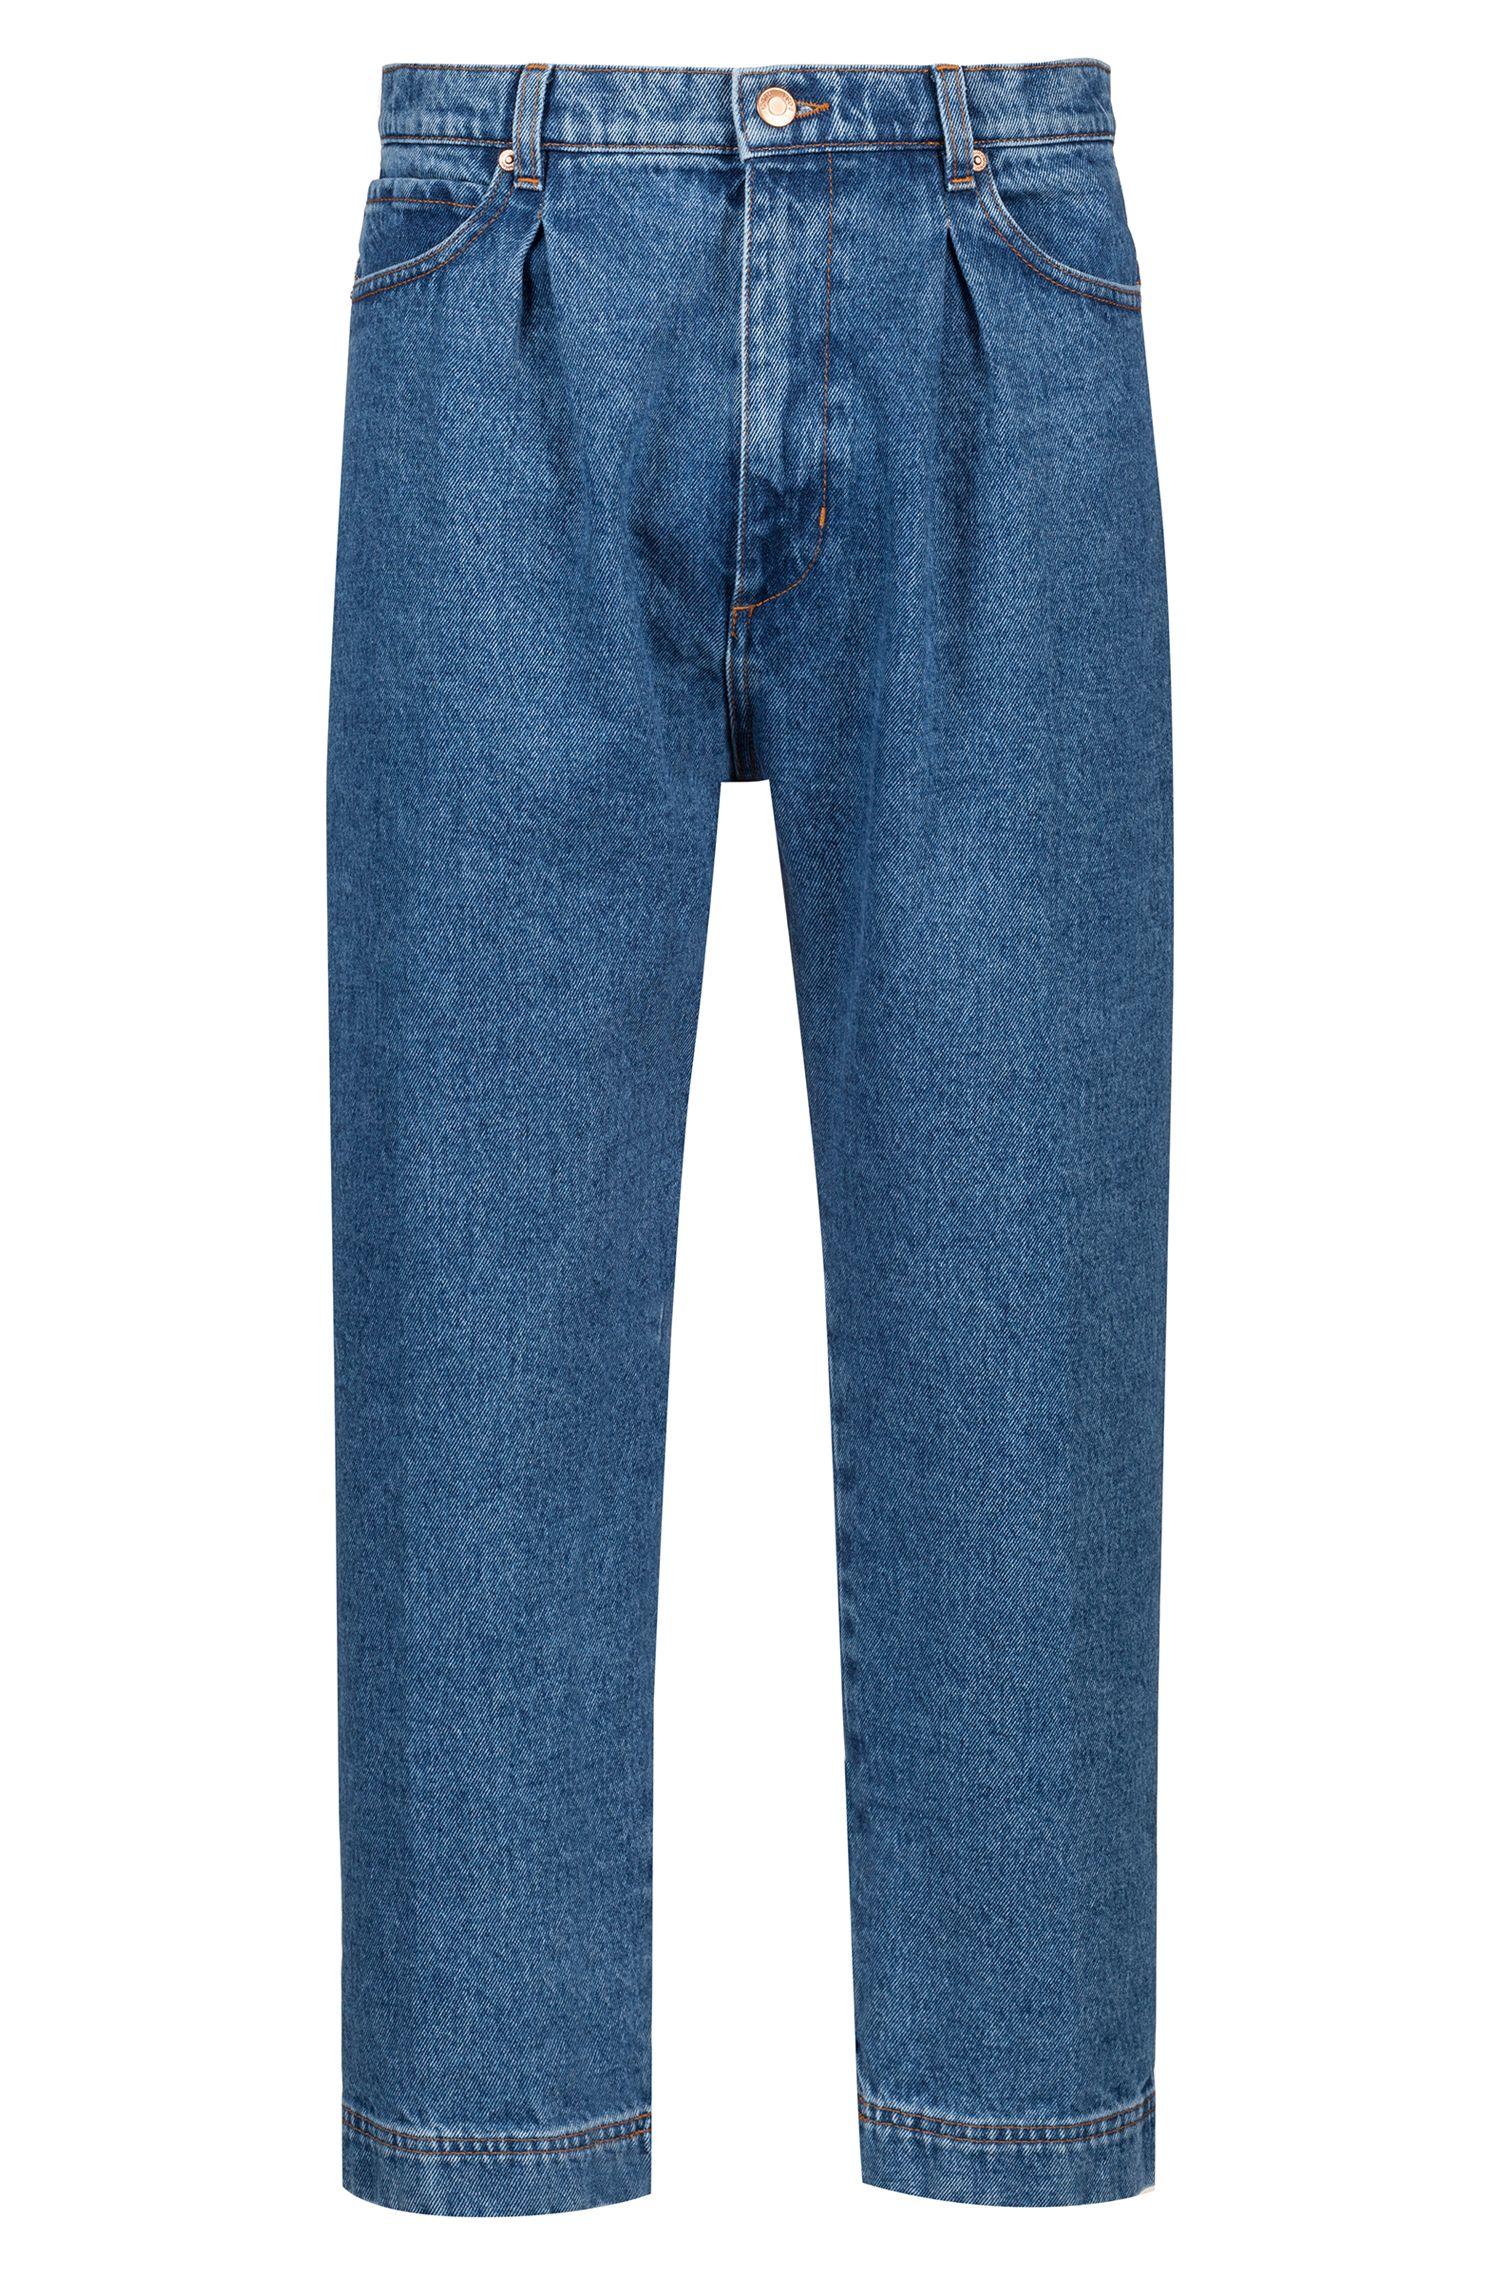 Relaxed-Fit Jeans in Cropped-Länge mit Bundfalten, Blau